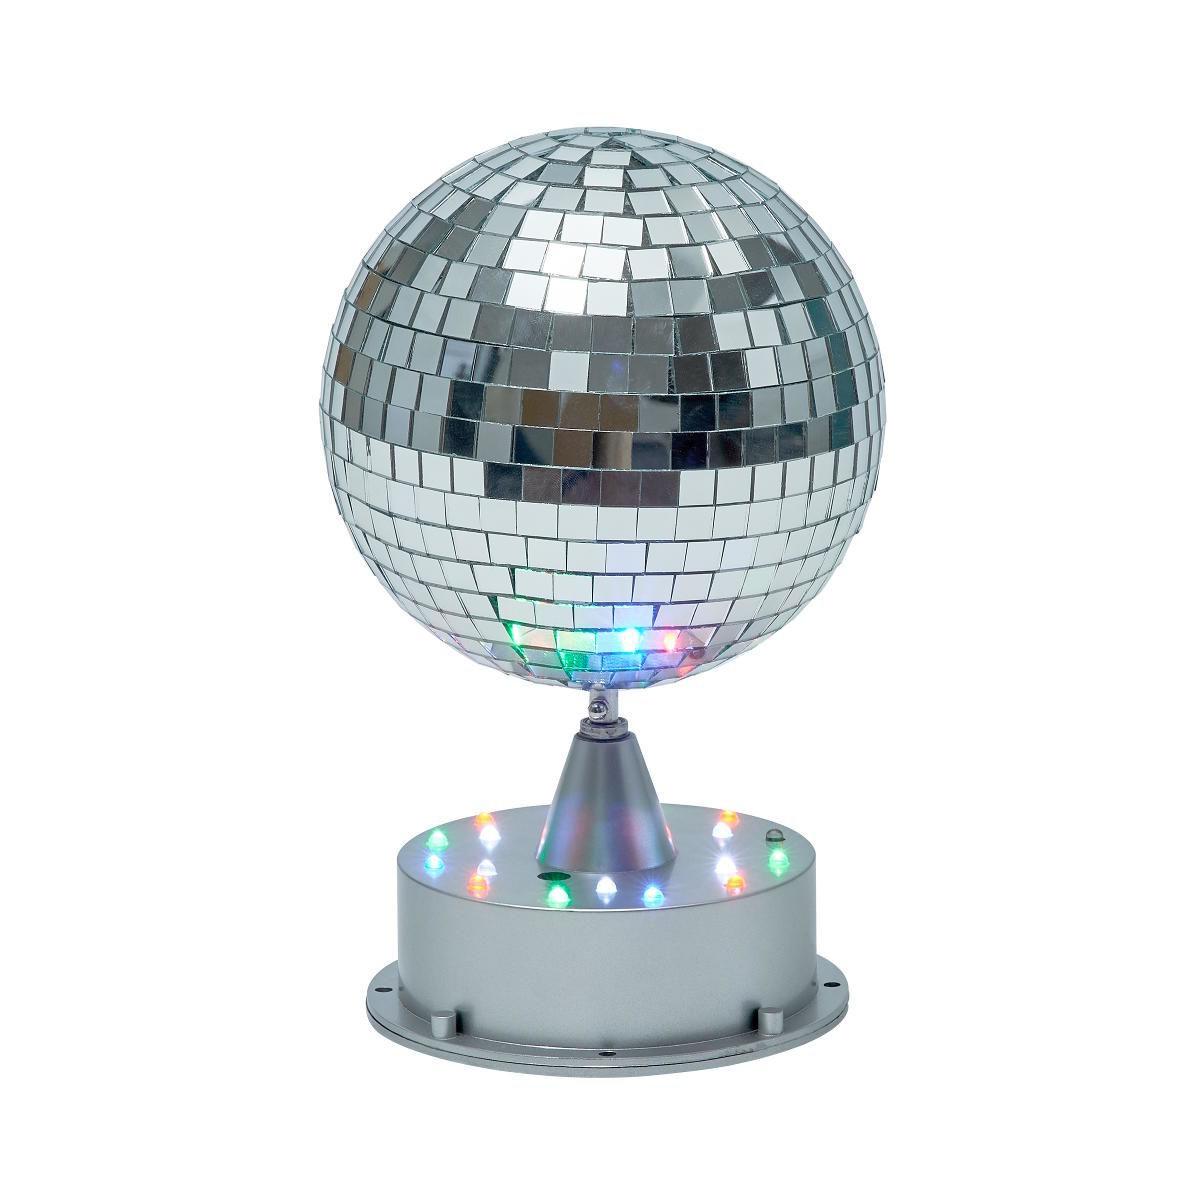 Bild 3 von Discokugel mit Beleuchtung